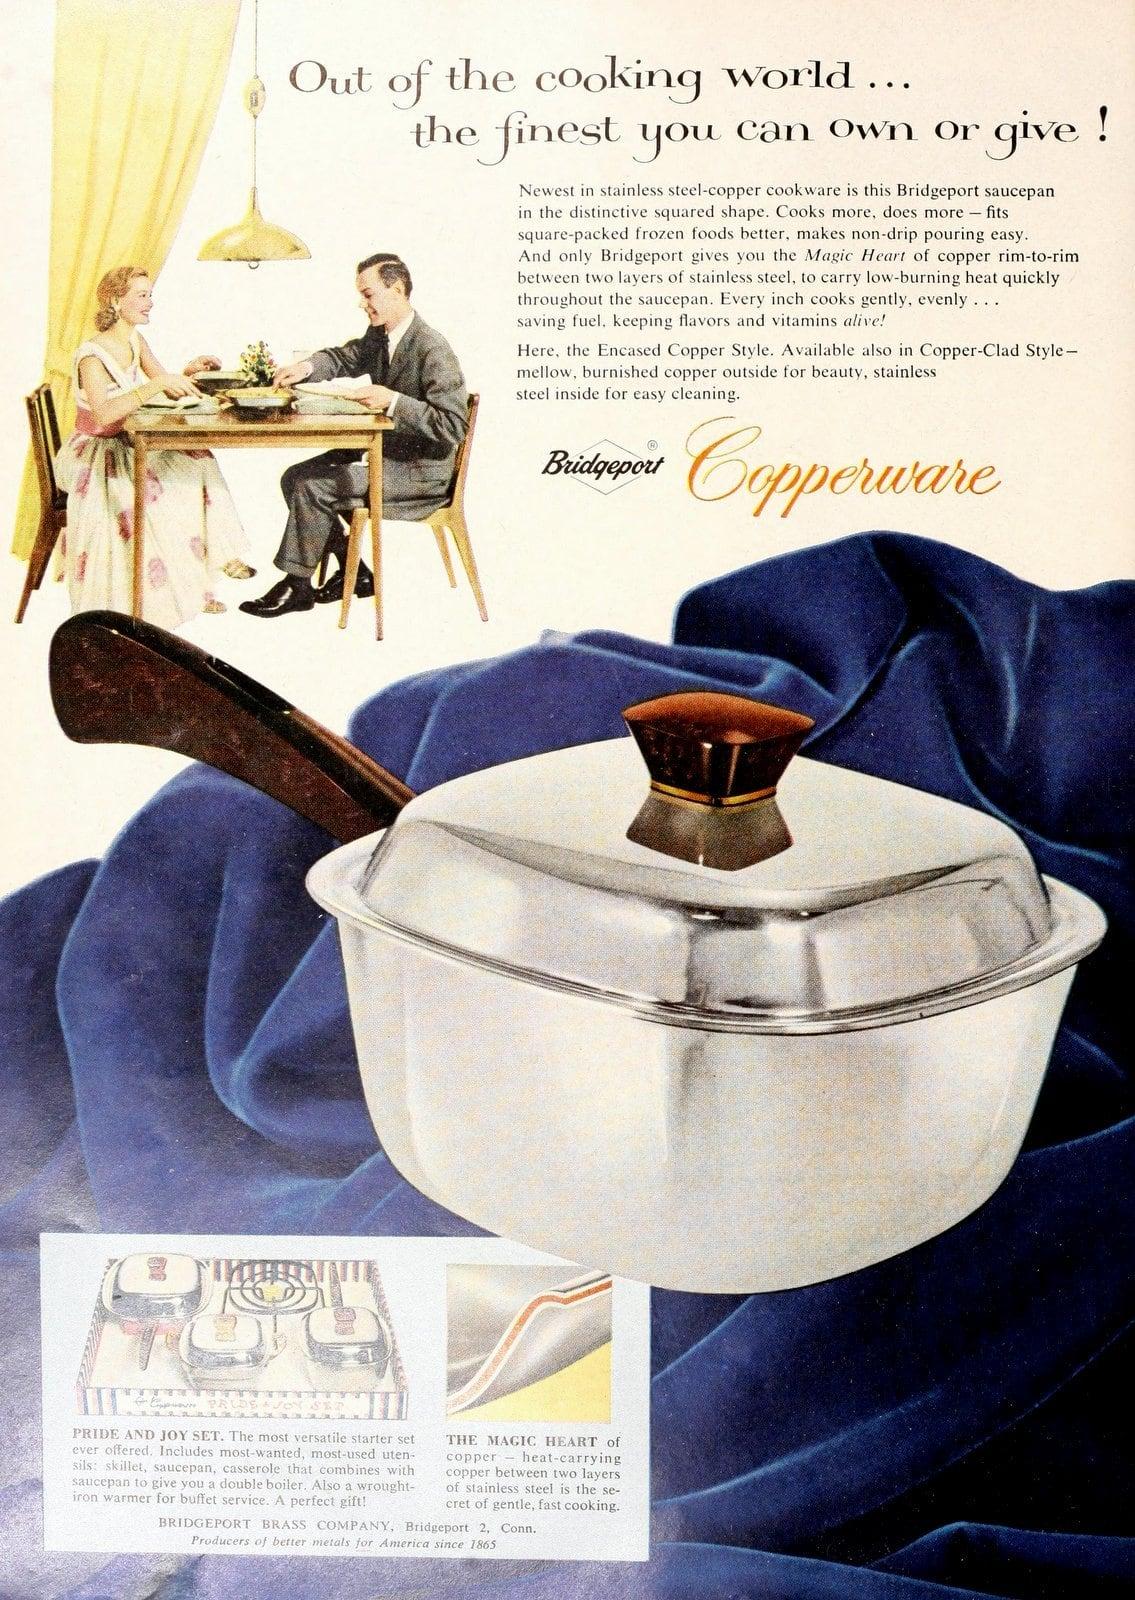 Vintage fifties Bridgeport Copperware saucepans and kitchenware (1956)